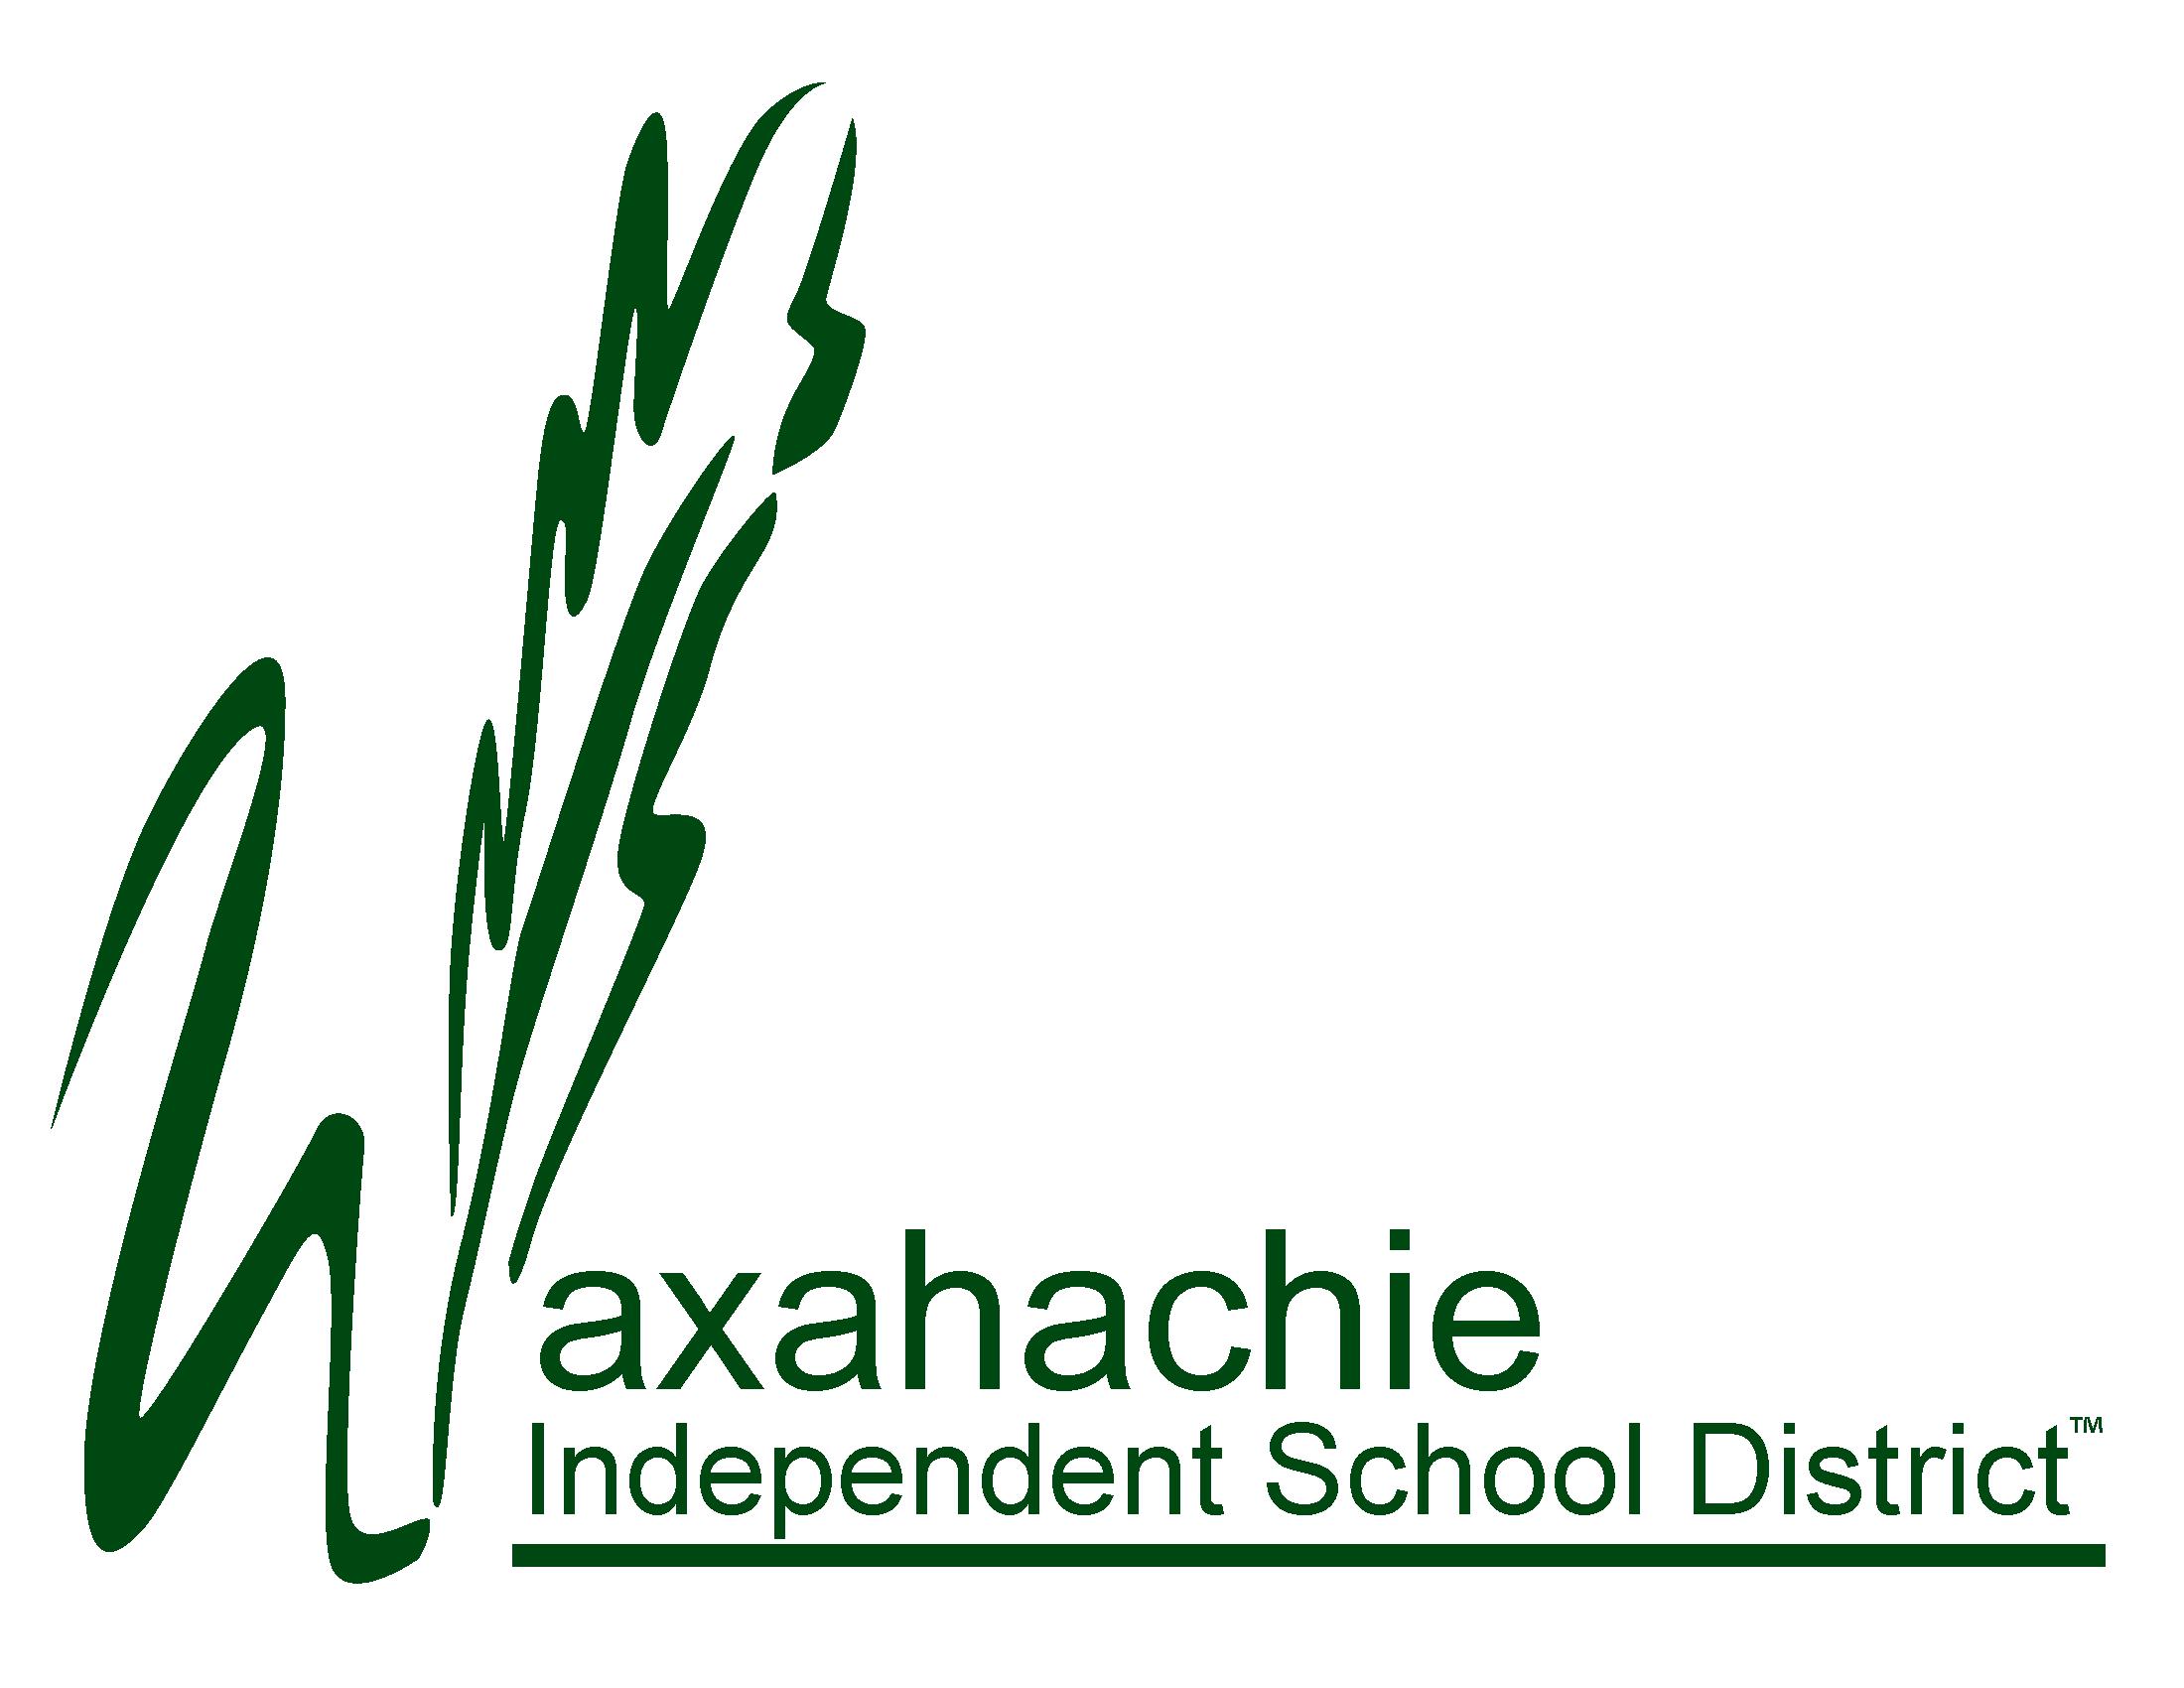 Waxahachie ISD logo